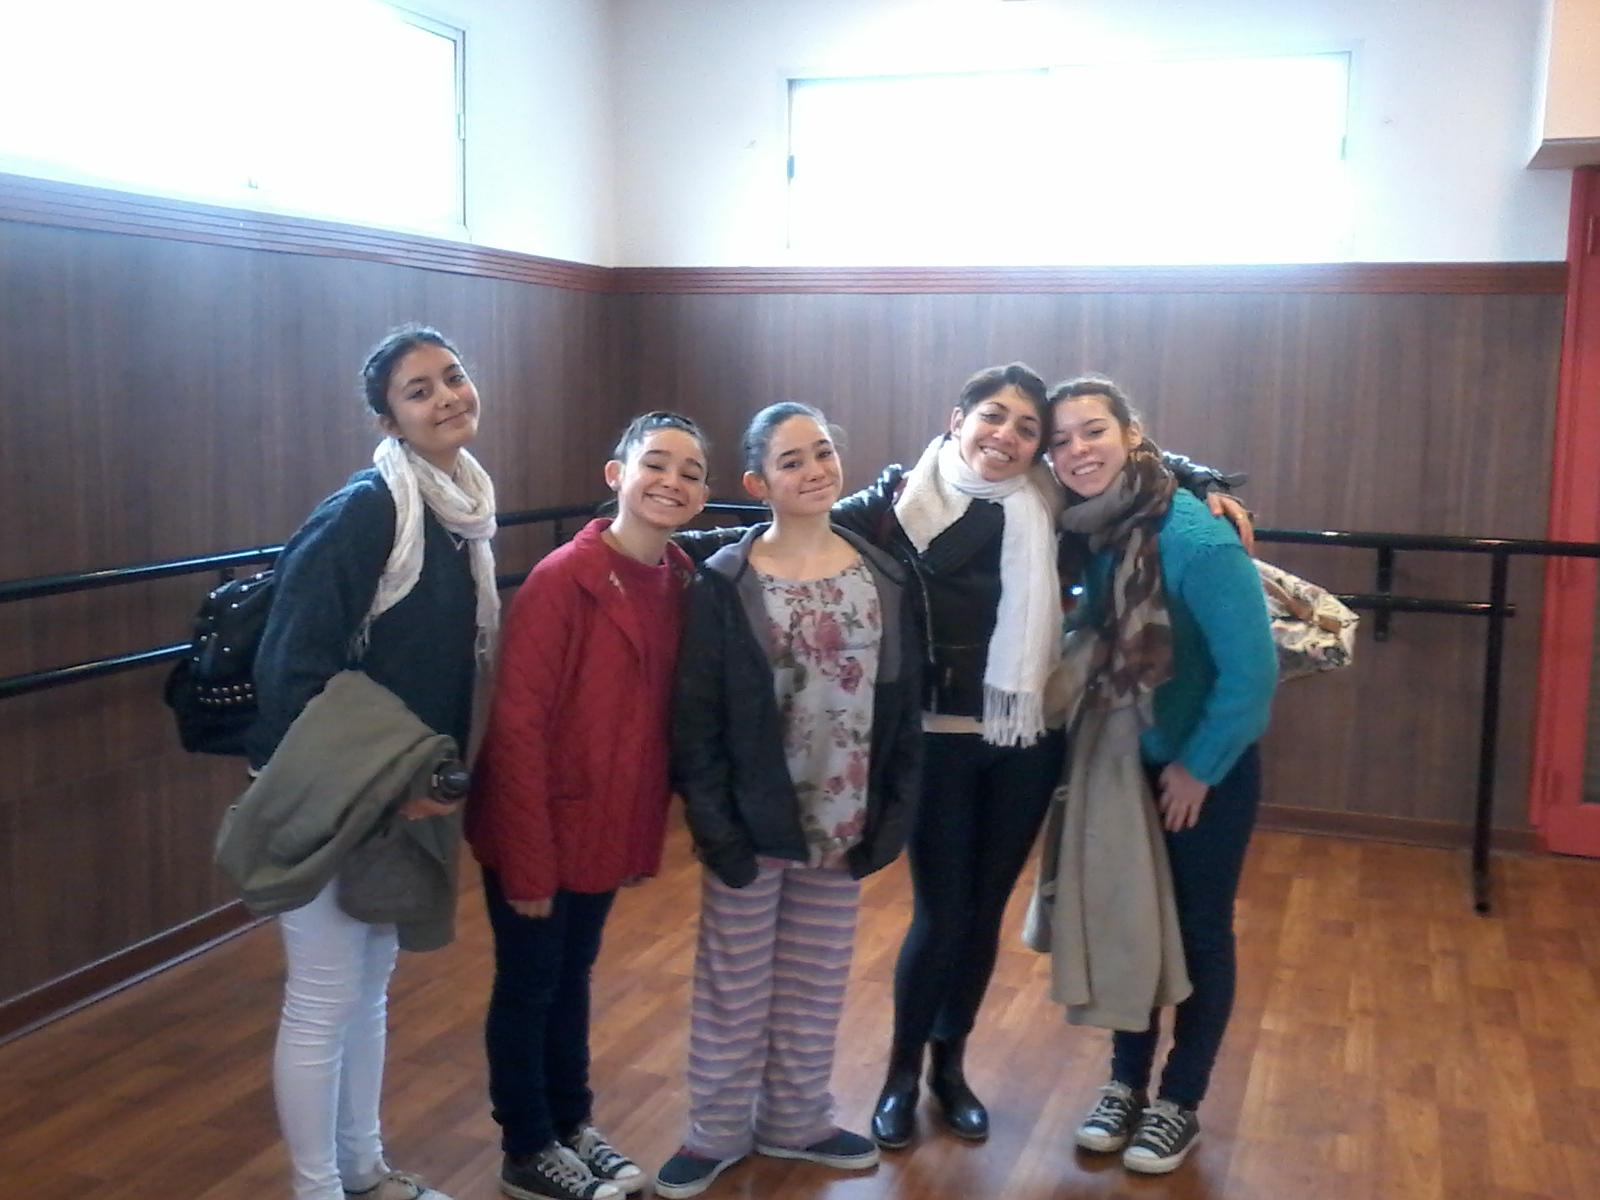 Las cinco bellas ganadoras de una beca junto a Montserrath Otegui en Mar del Plata.